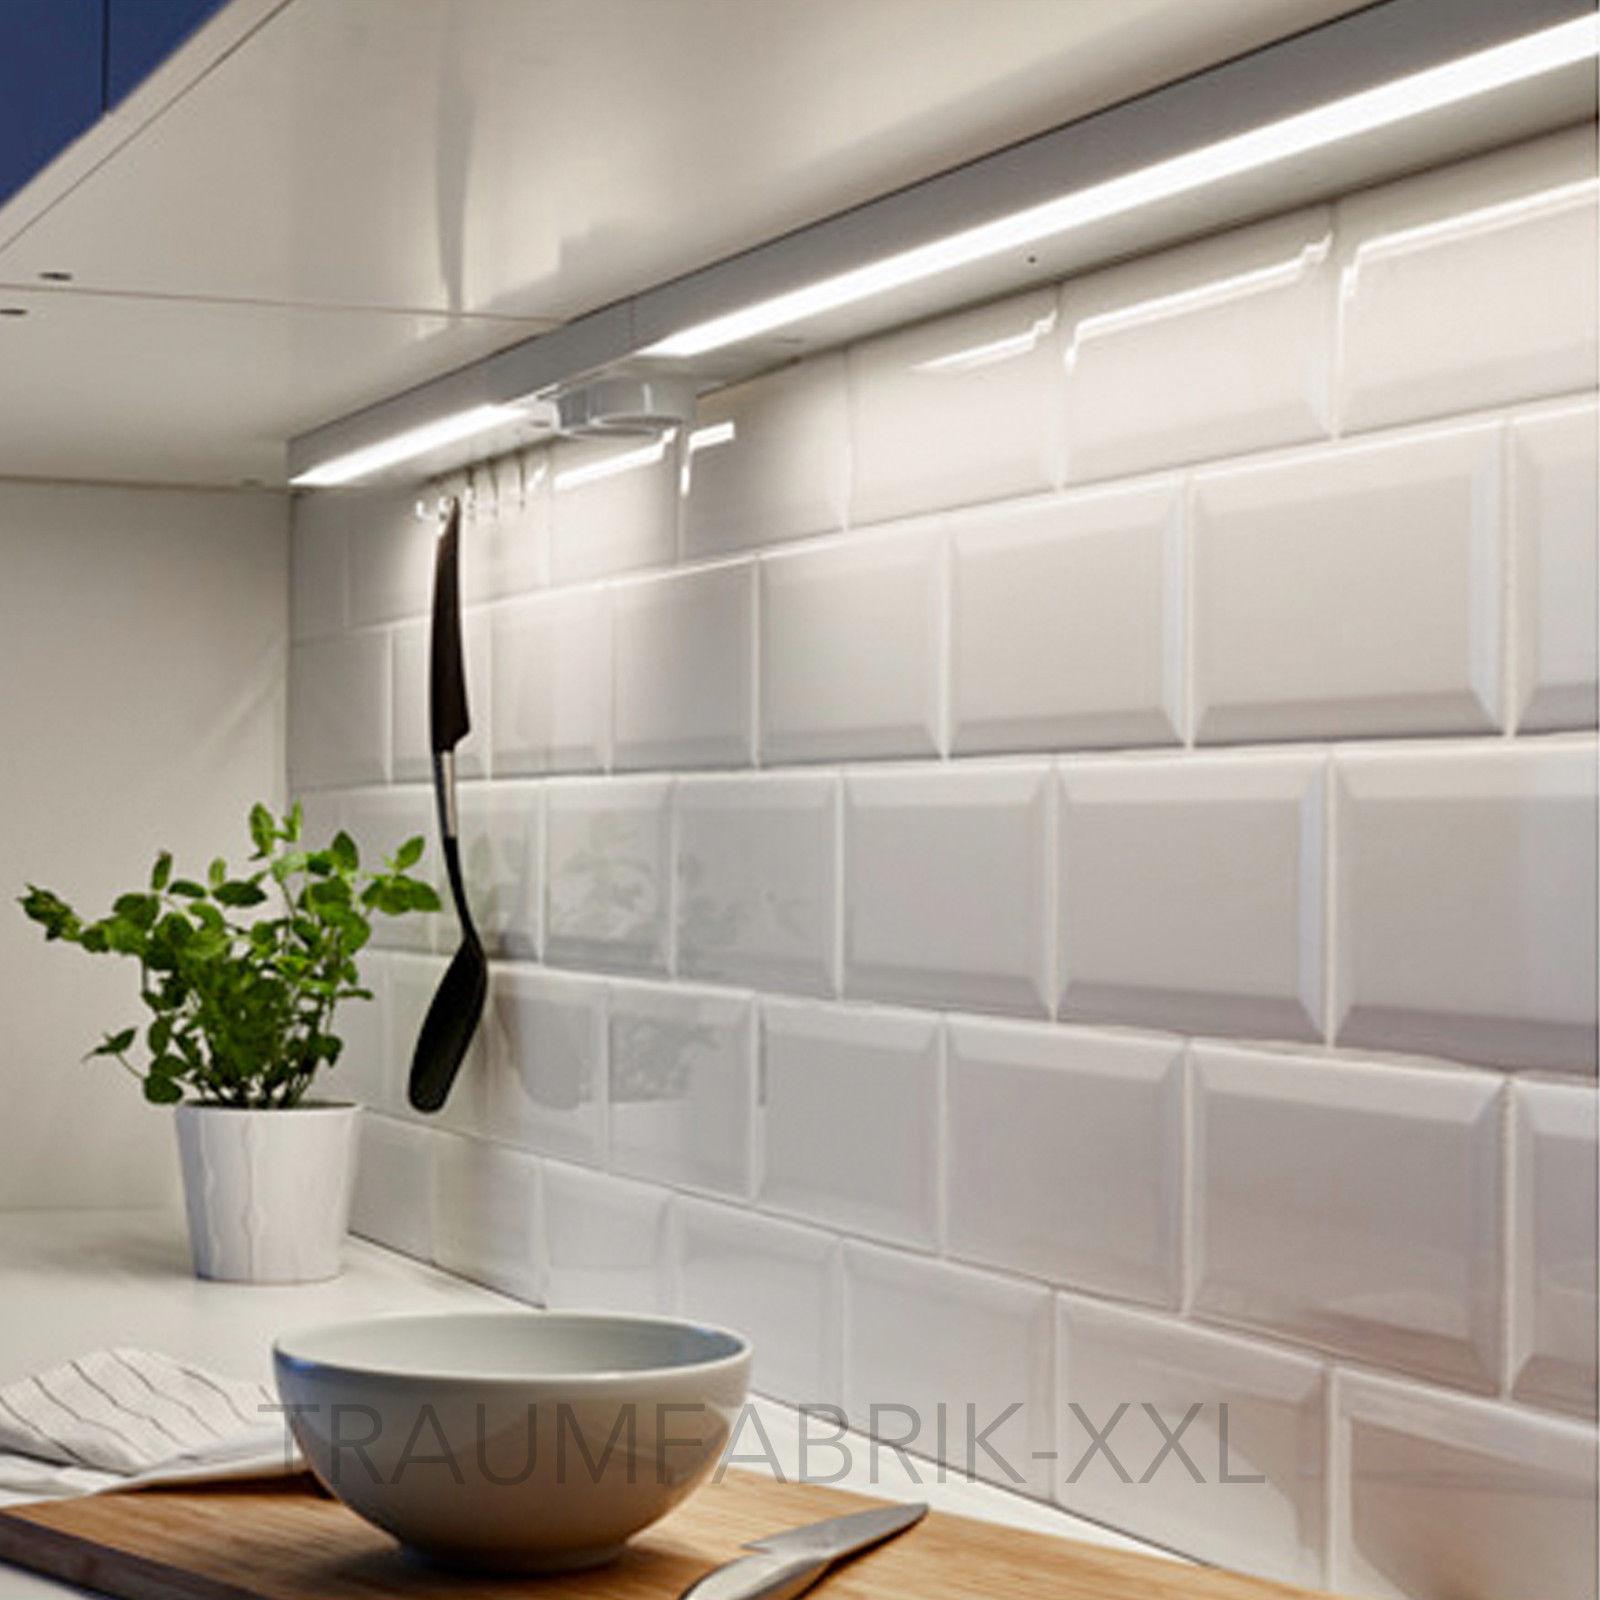 IKEA UTRUSTA Lichtleiste Arbeitsleuchte Küchen LED Beleuchtung 80cm ...